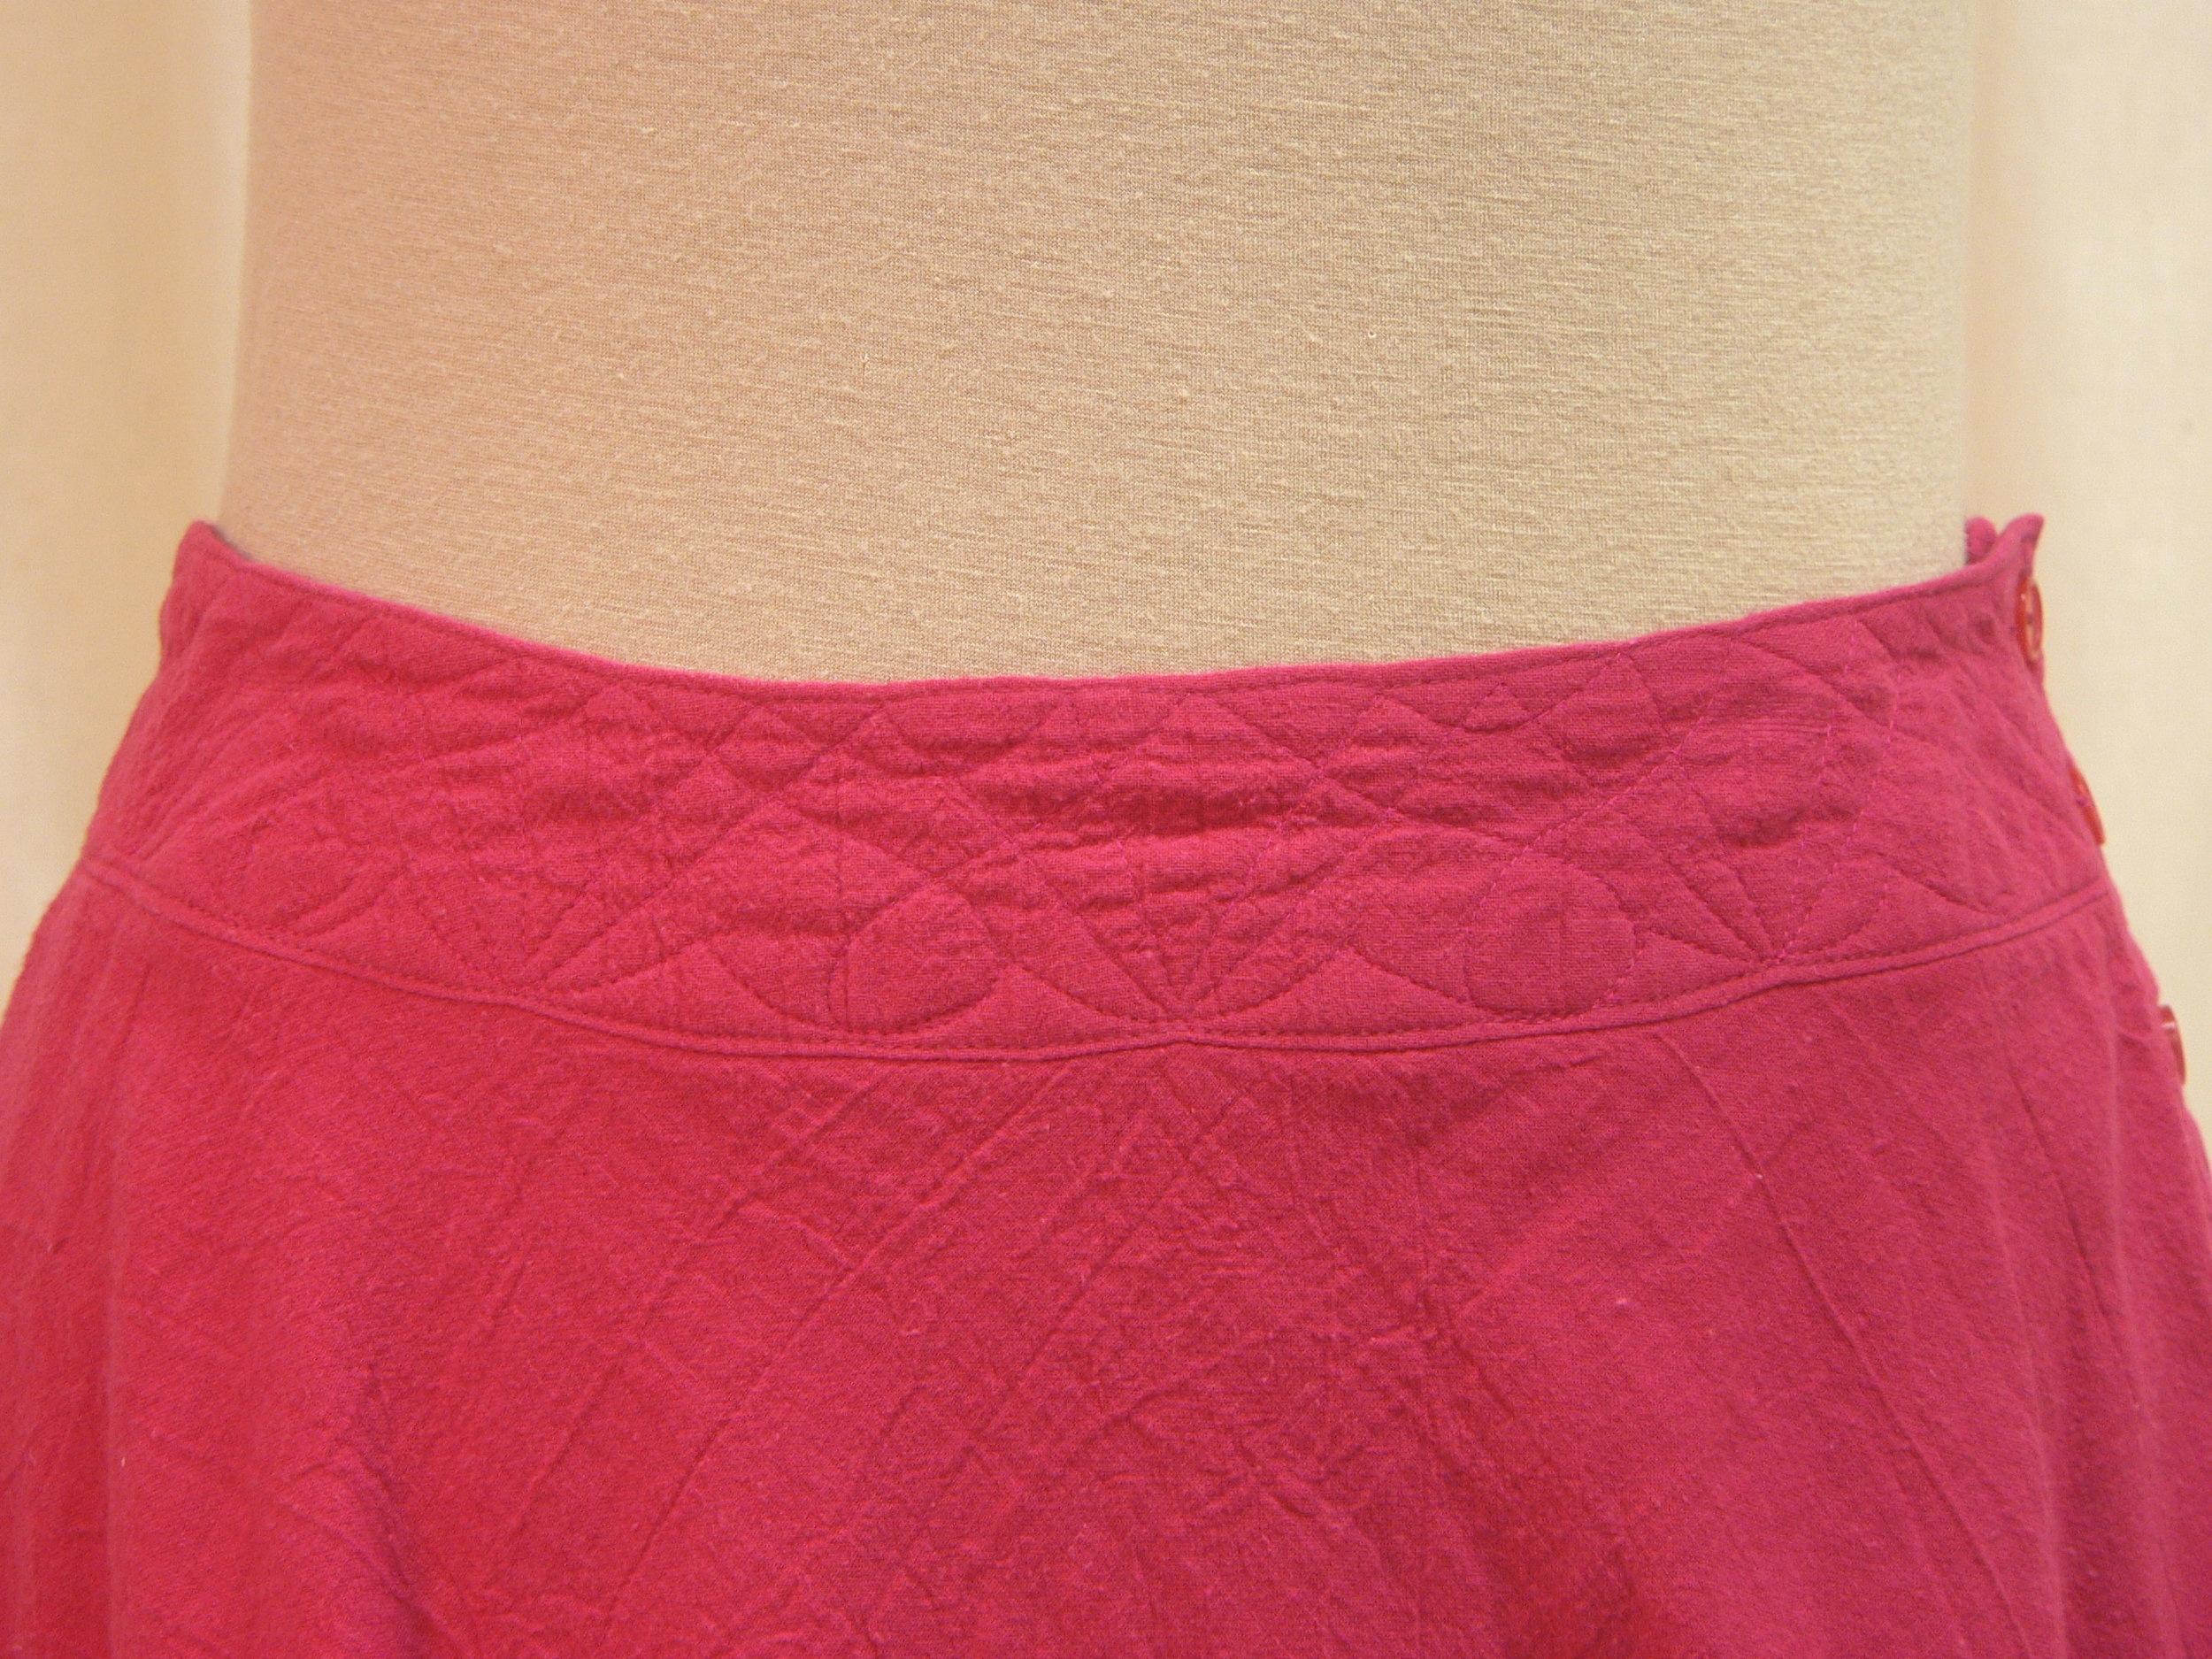 skirt09_detail_front.JPG